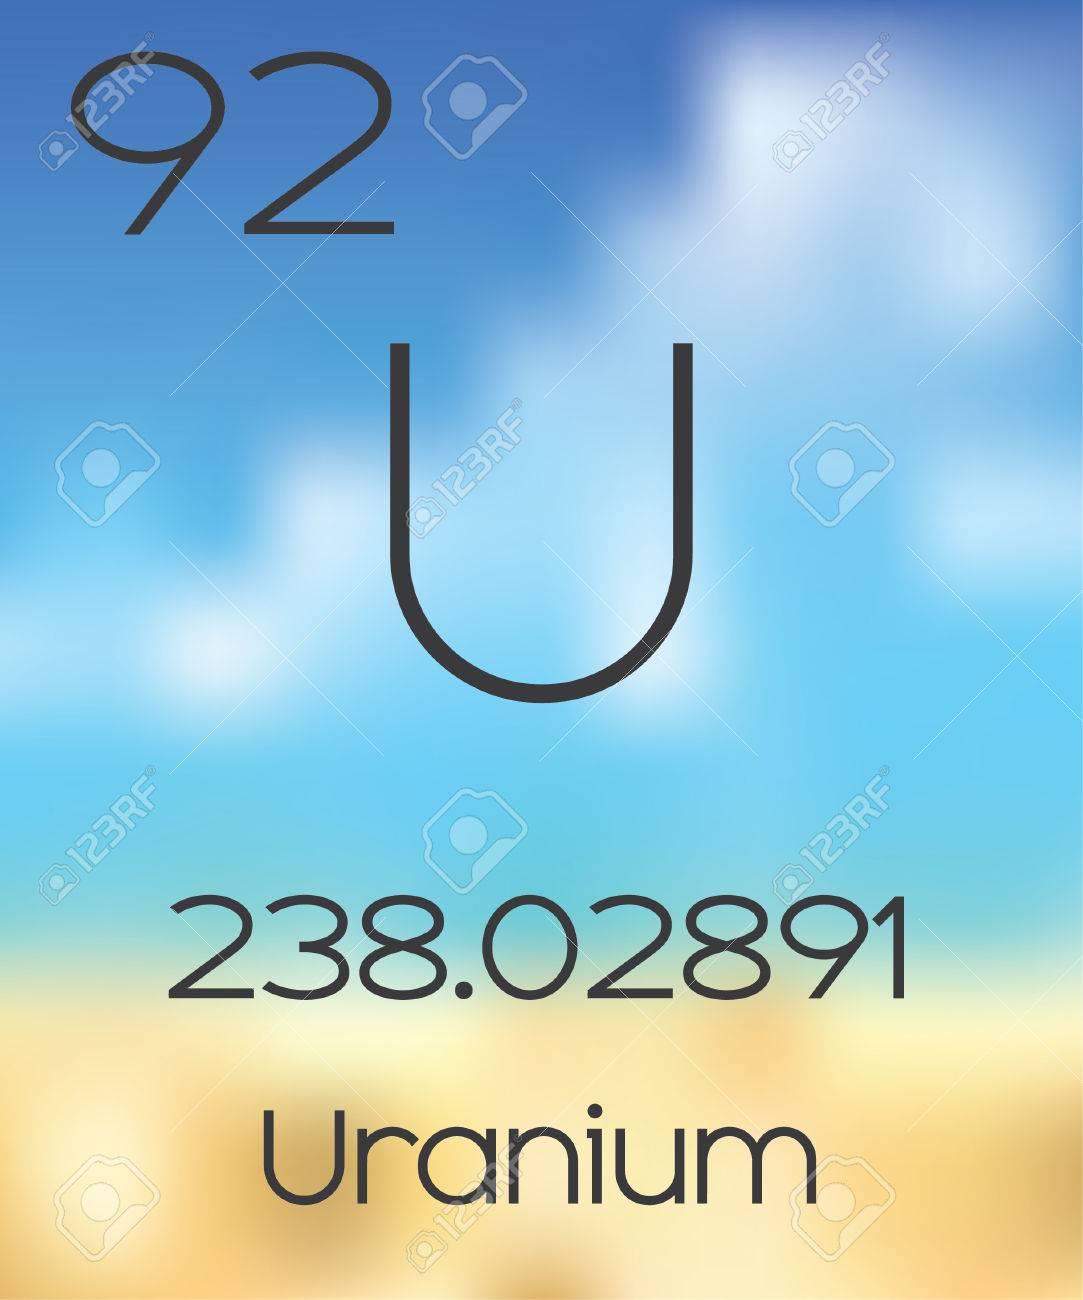 La tabla peridica de los elementos de uranio fotos retratos la tabla peridica de los elementos de uranio foto de archivo 47055643 urtaz Images